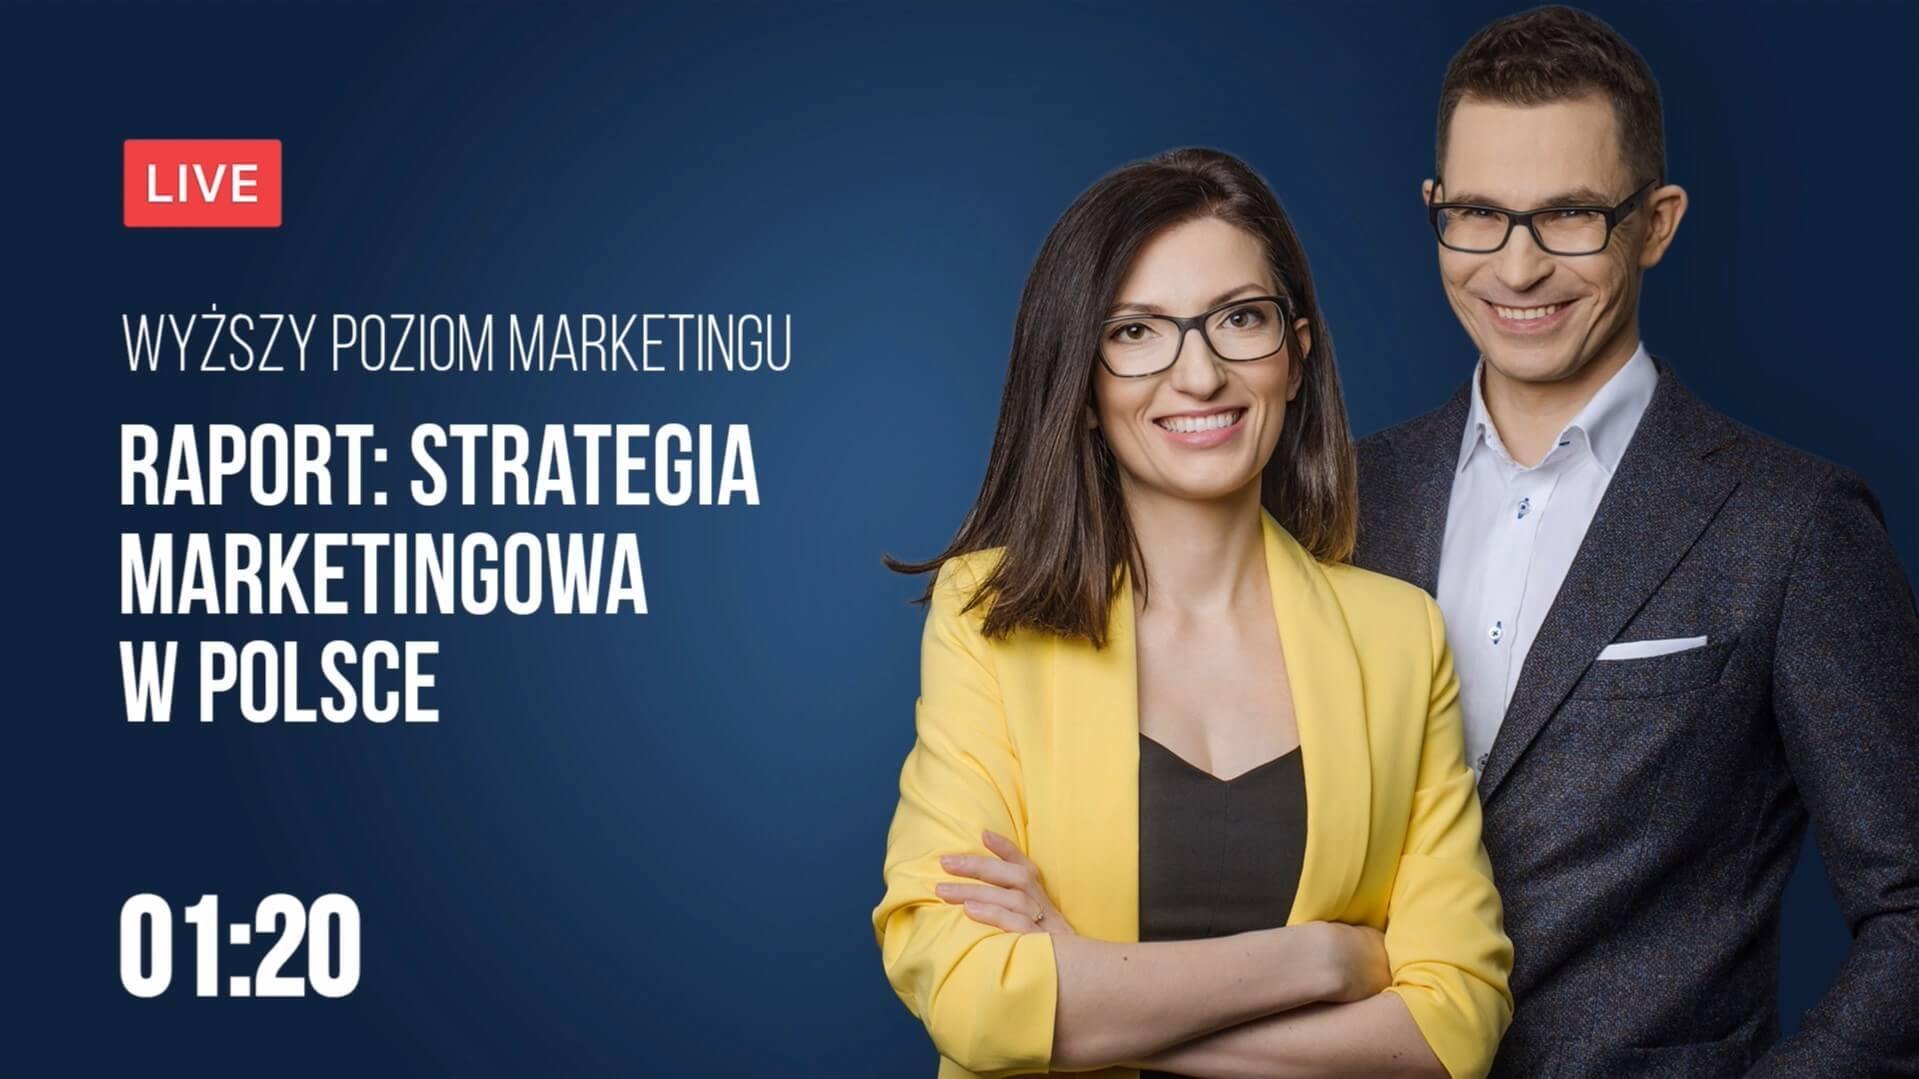 Raport: Strategia marketingowa w polskim biznesie 2019